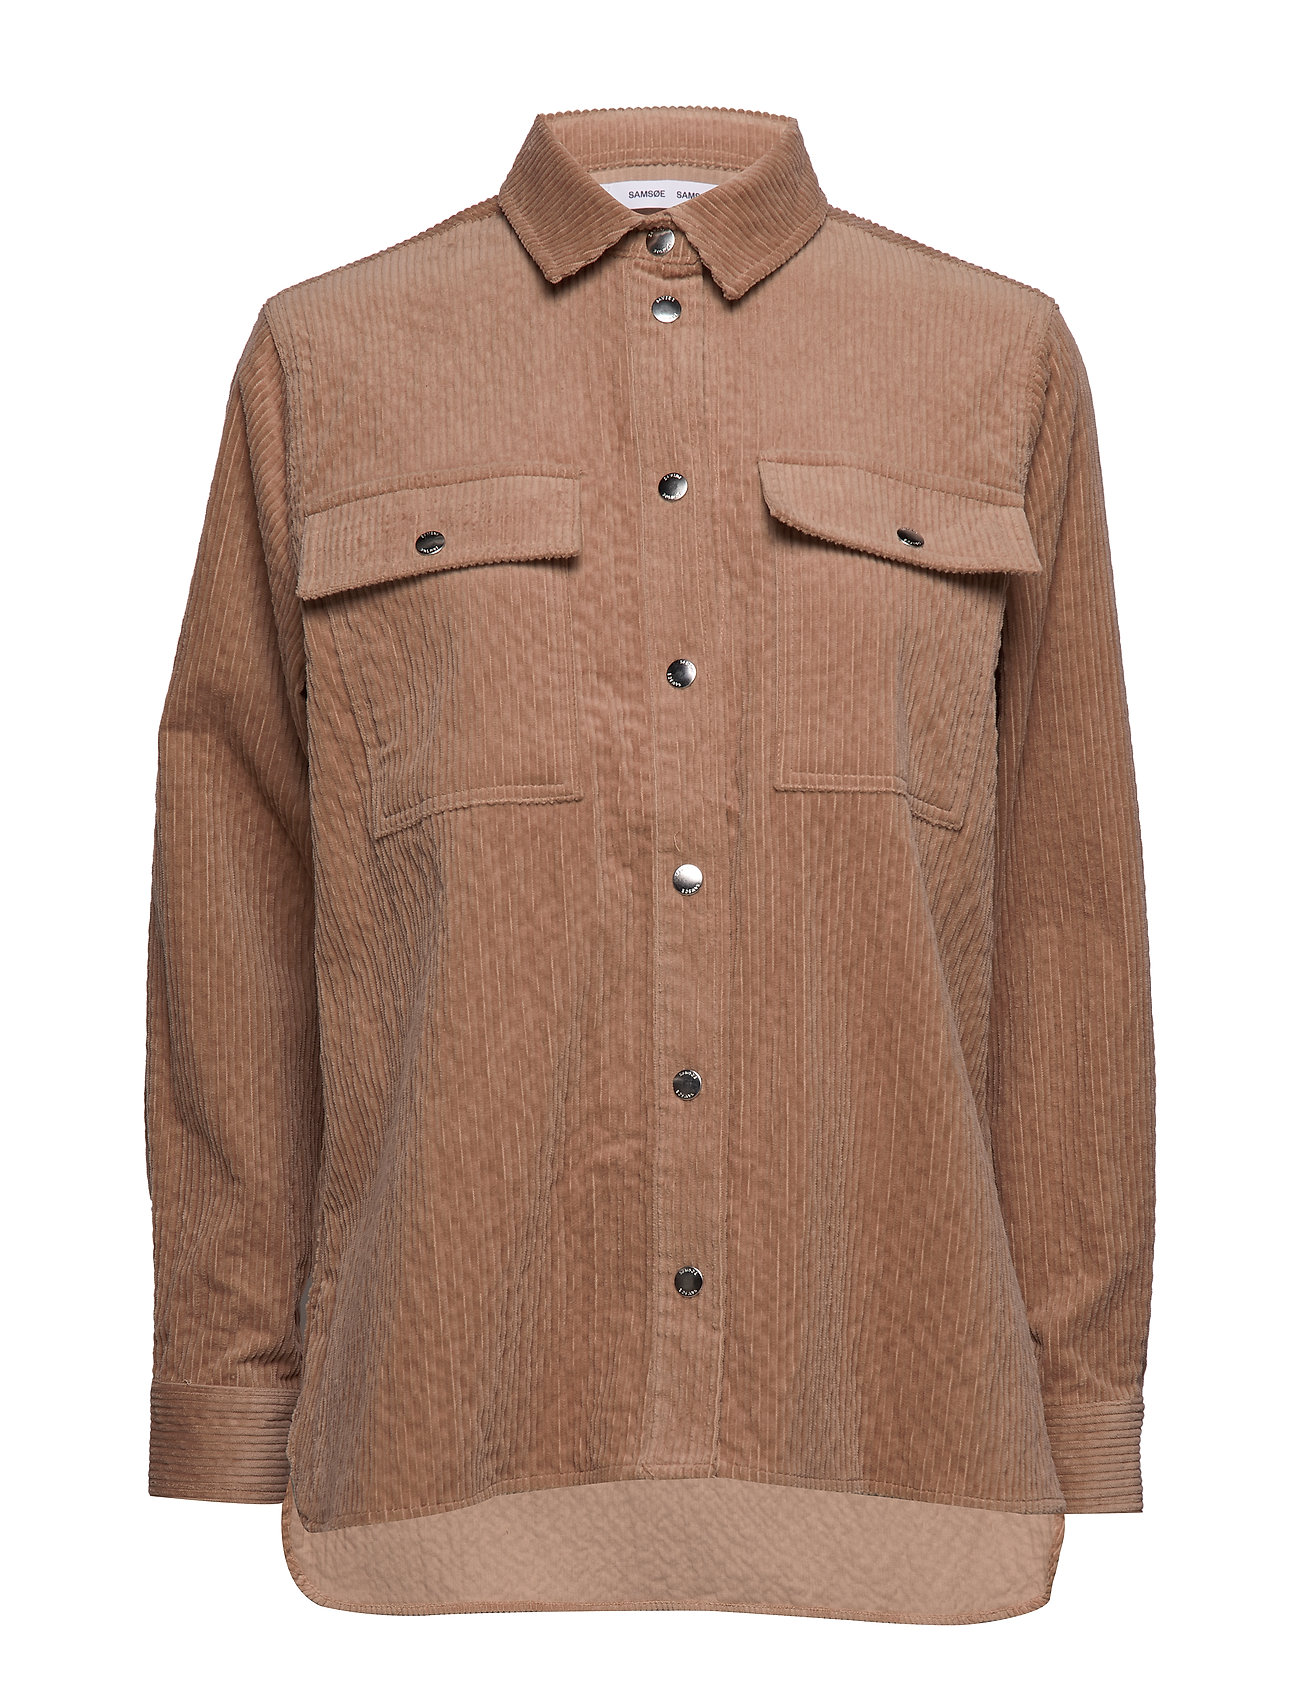 Samsøe & Samsøe Leonora shirt 11305 - NOUGAT KHAKI